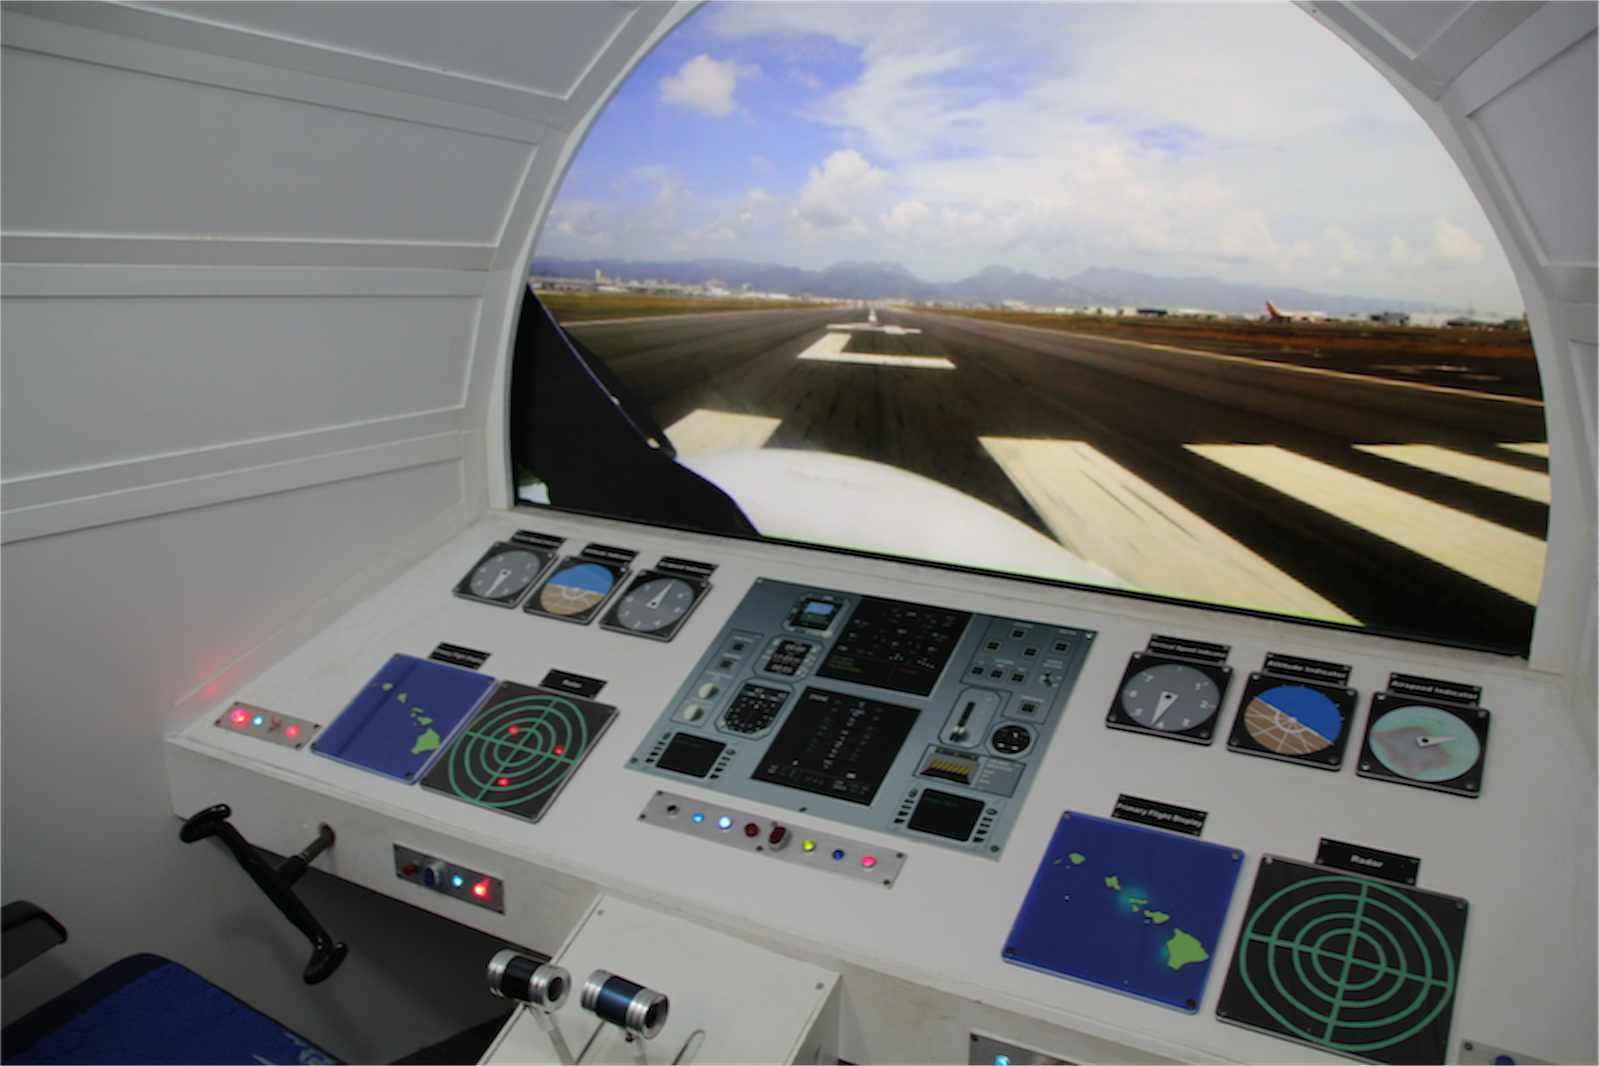 ハワイ・チルドレンズ・ディスカバリー・センター(4)パイロットや港湾仕事、そしてシャボン玉